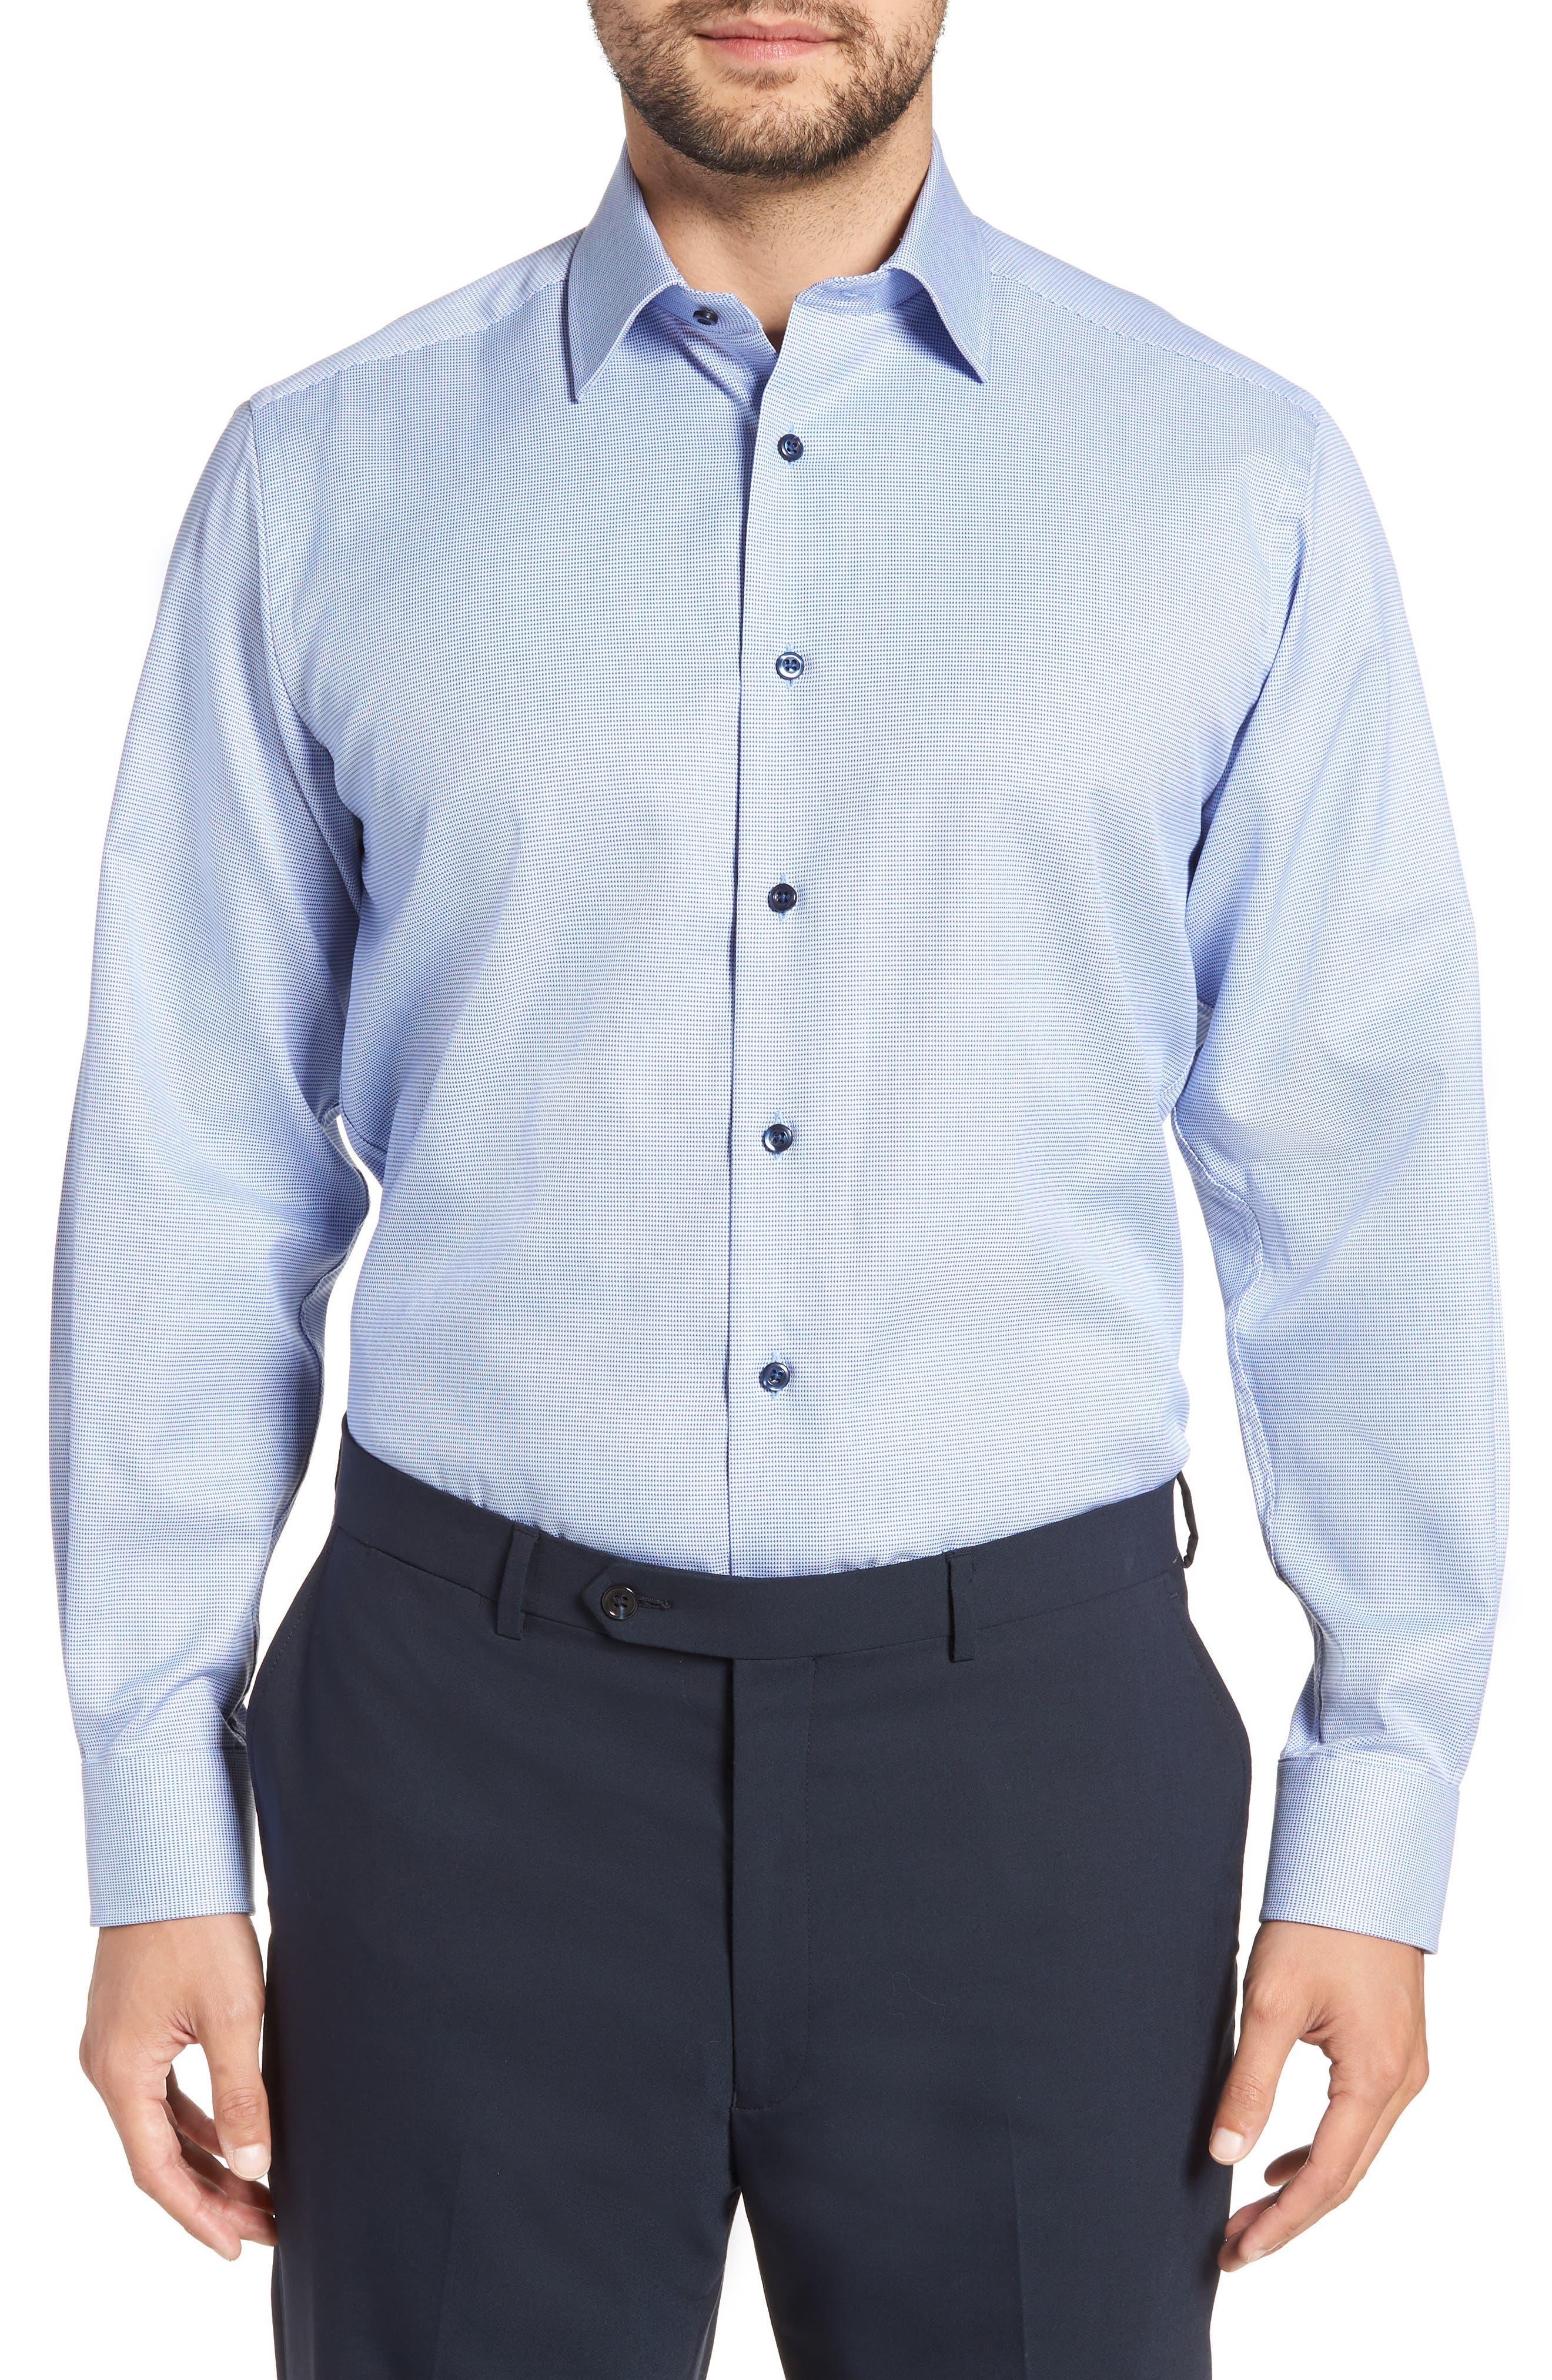 Regular Fit Solid Dress Shirt